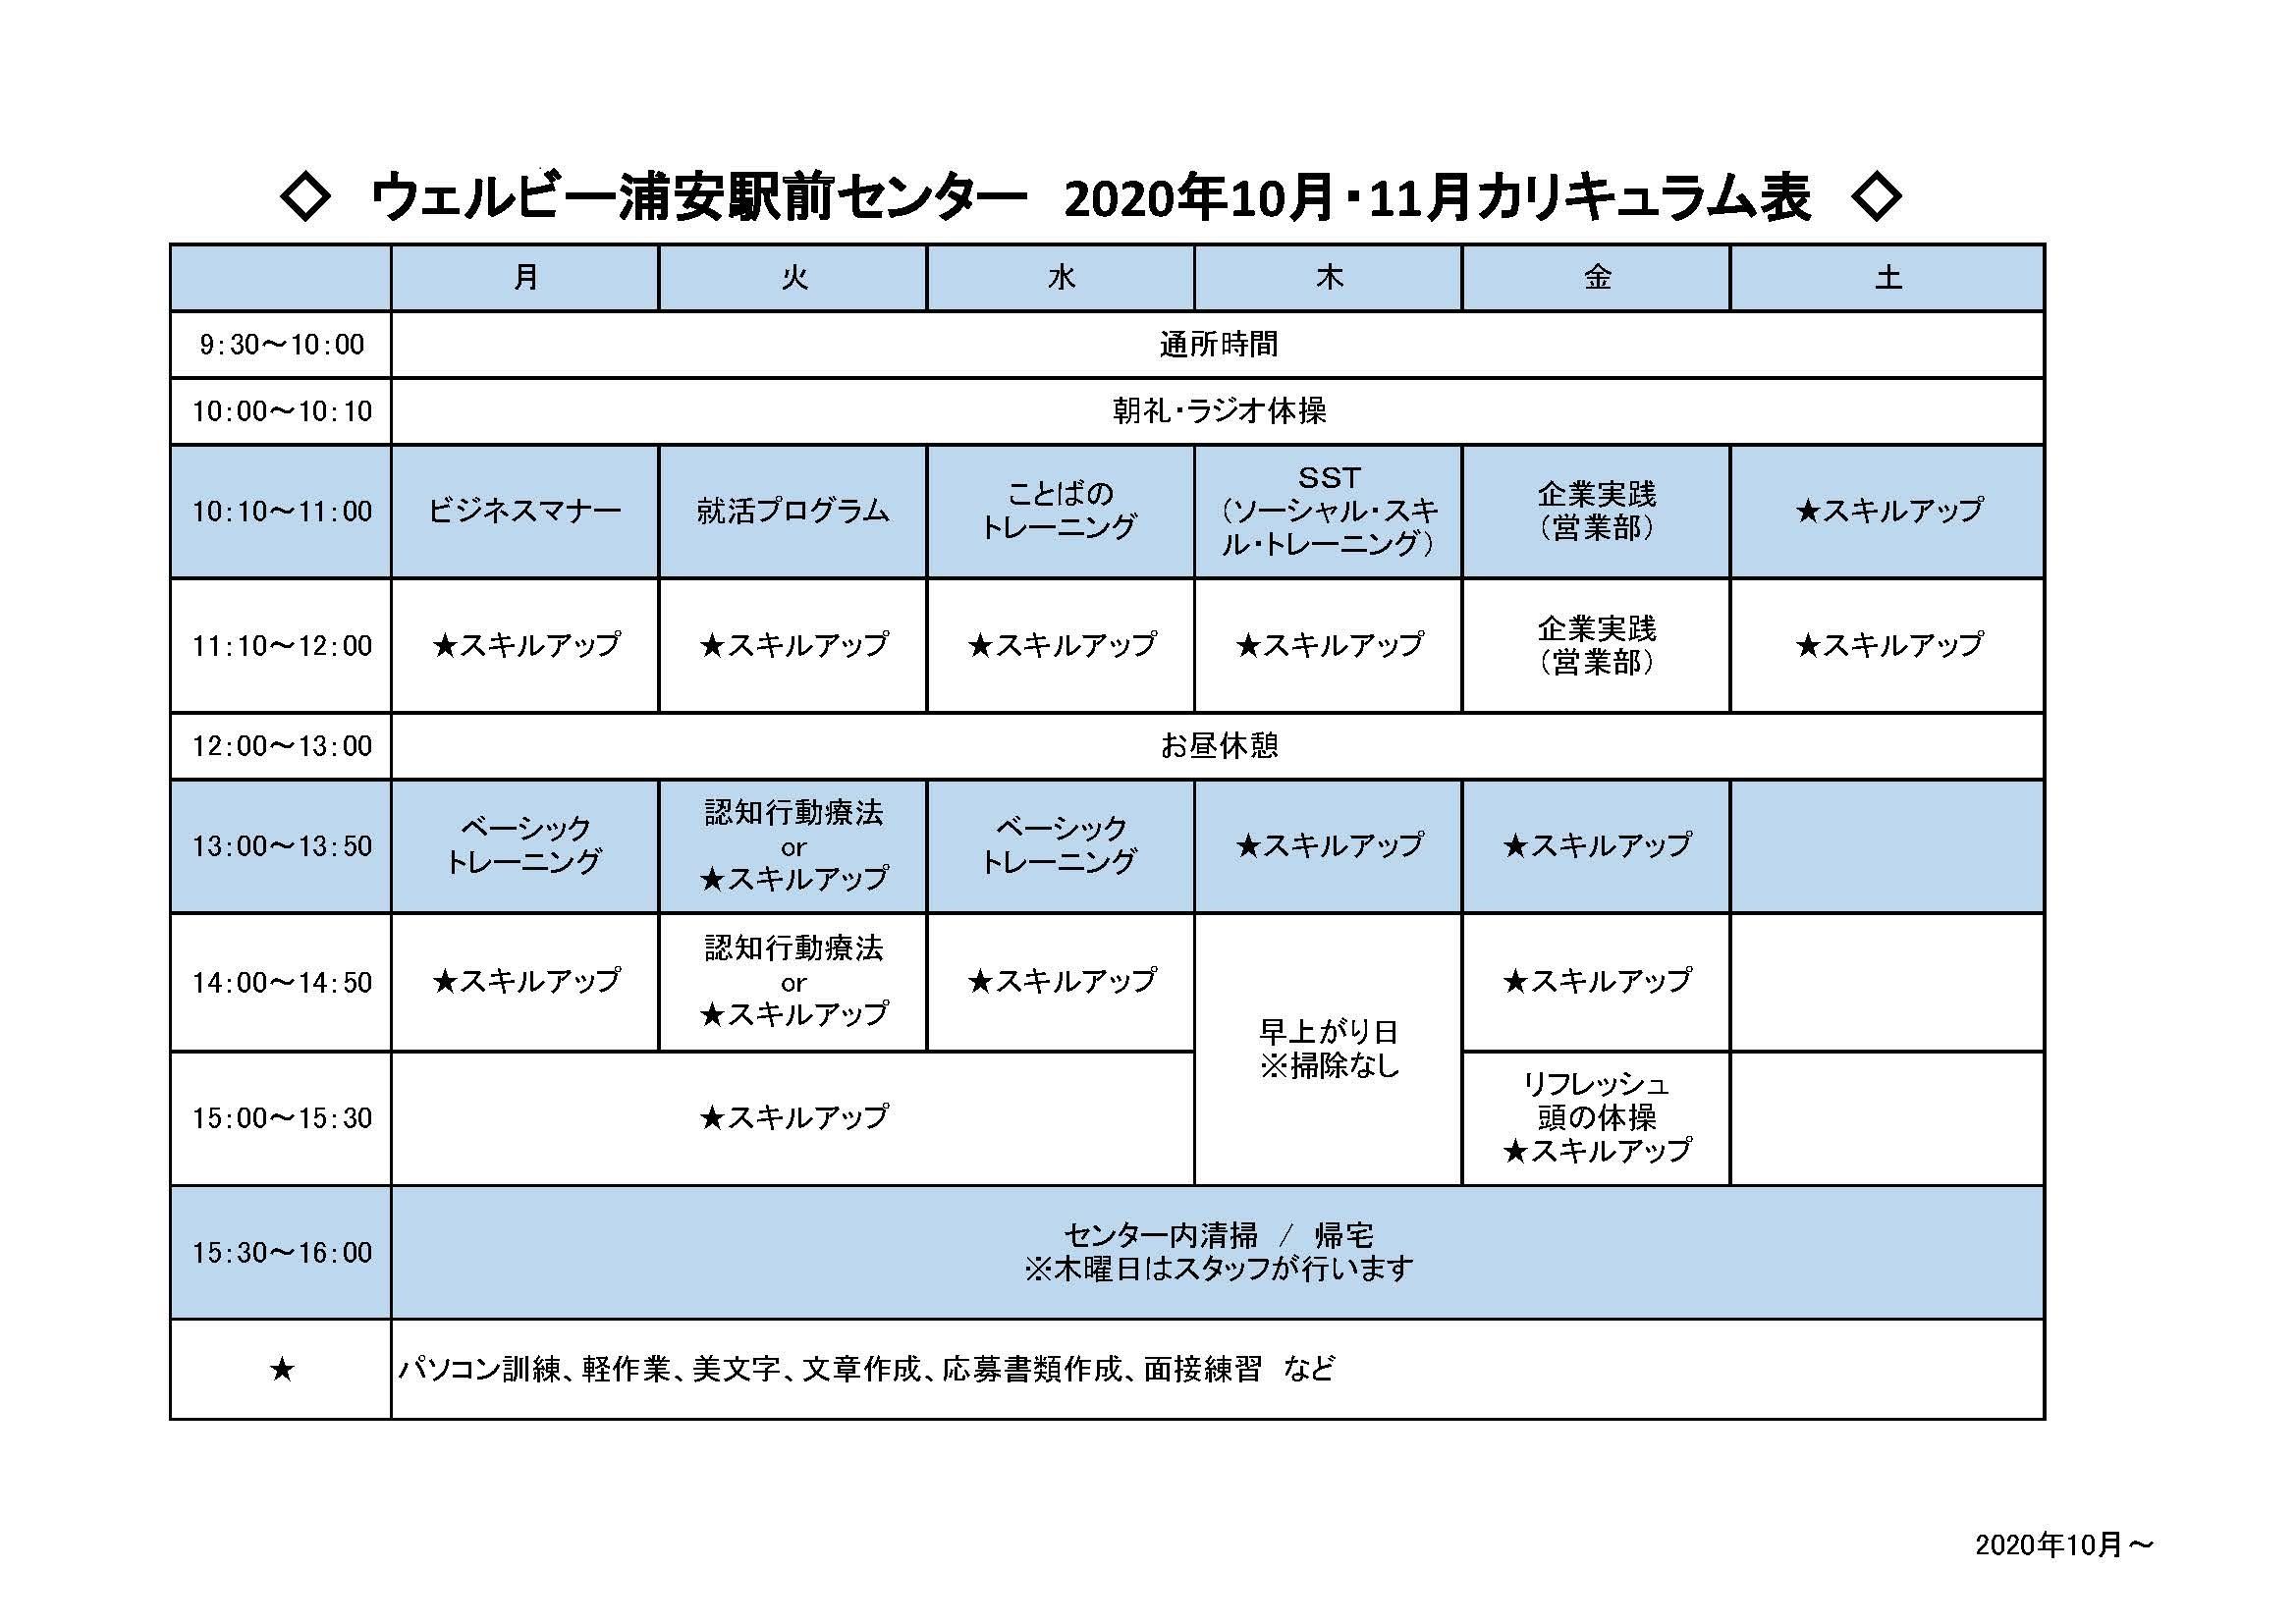 11浦安カリキュラム表_202010~+(1)